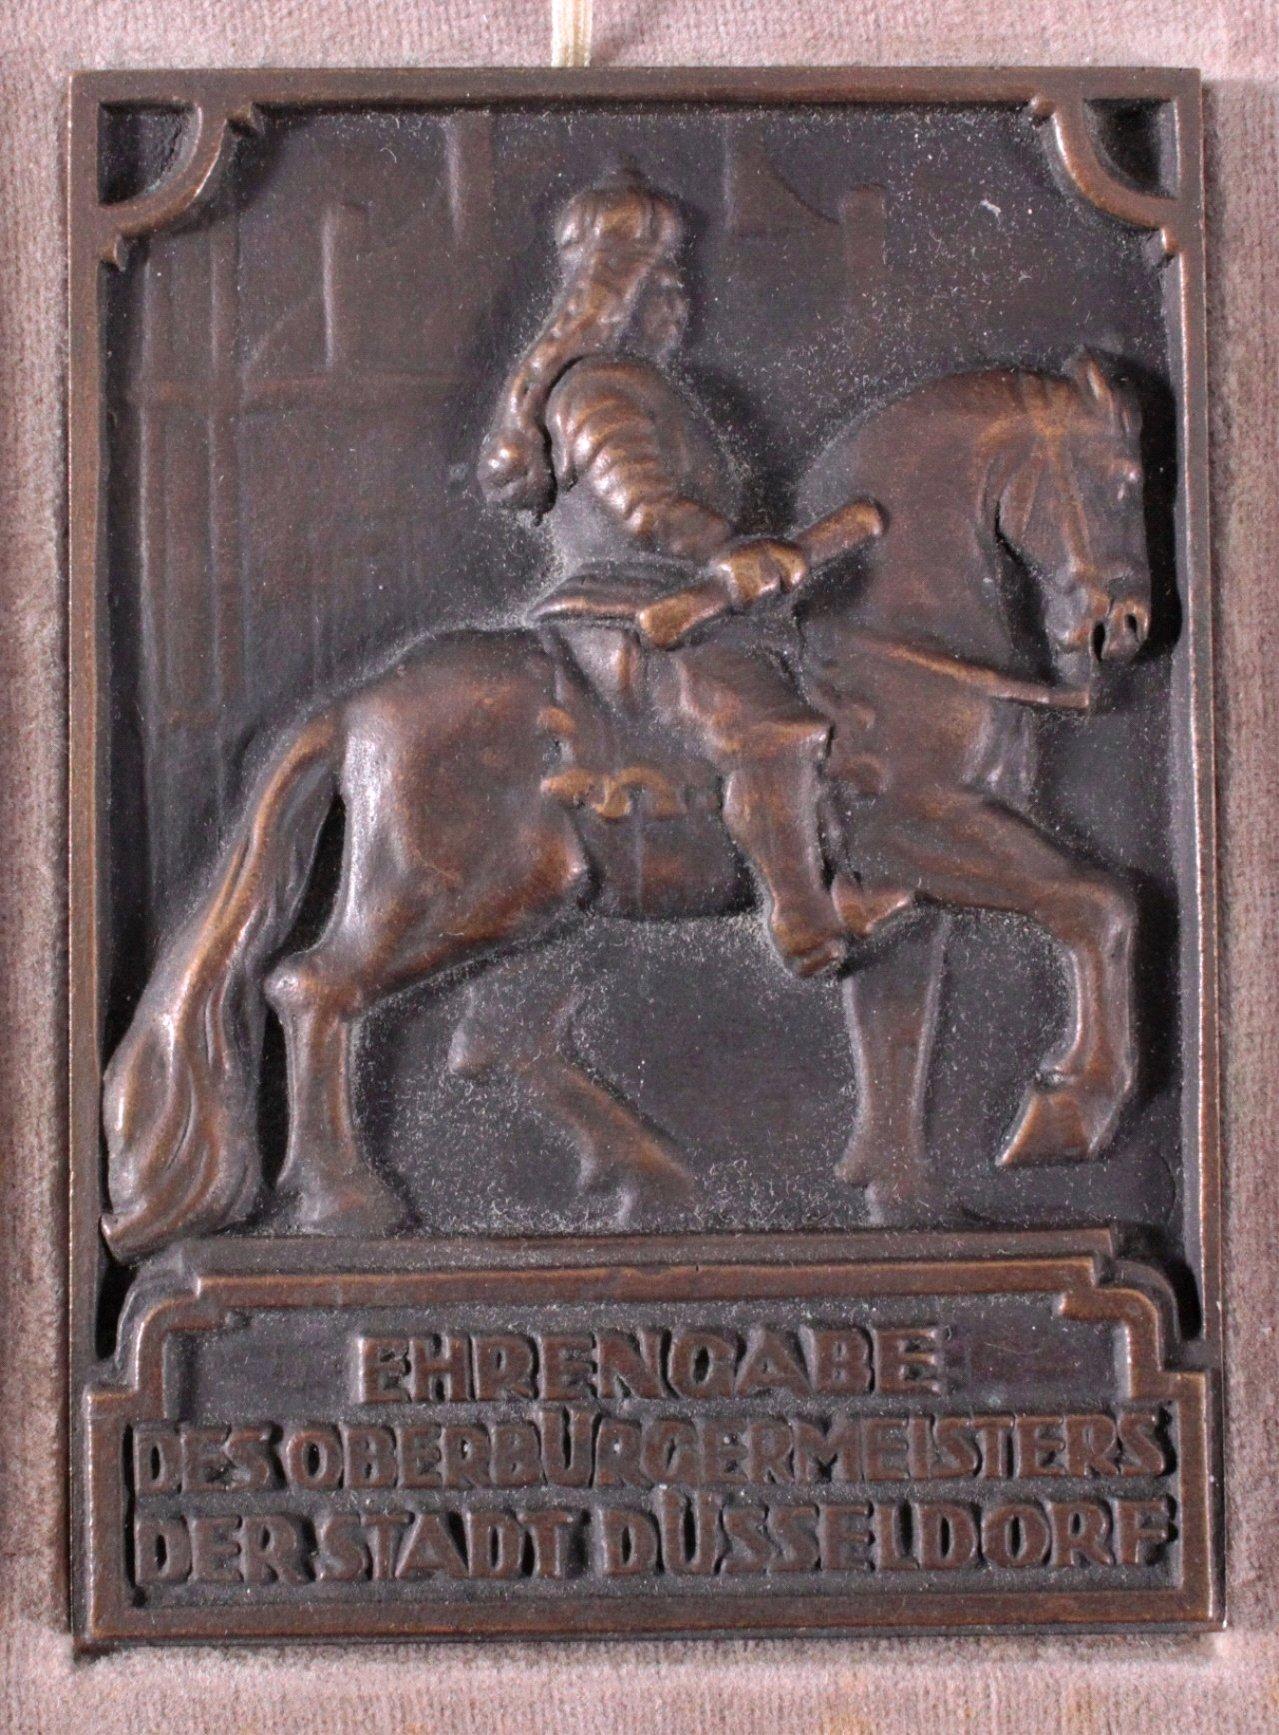 Bronzeplakette Düsseldorf 1935